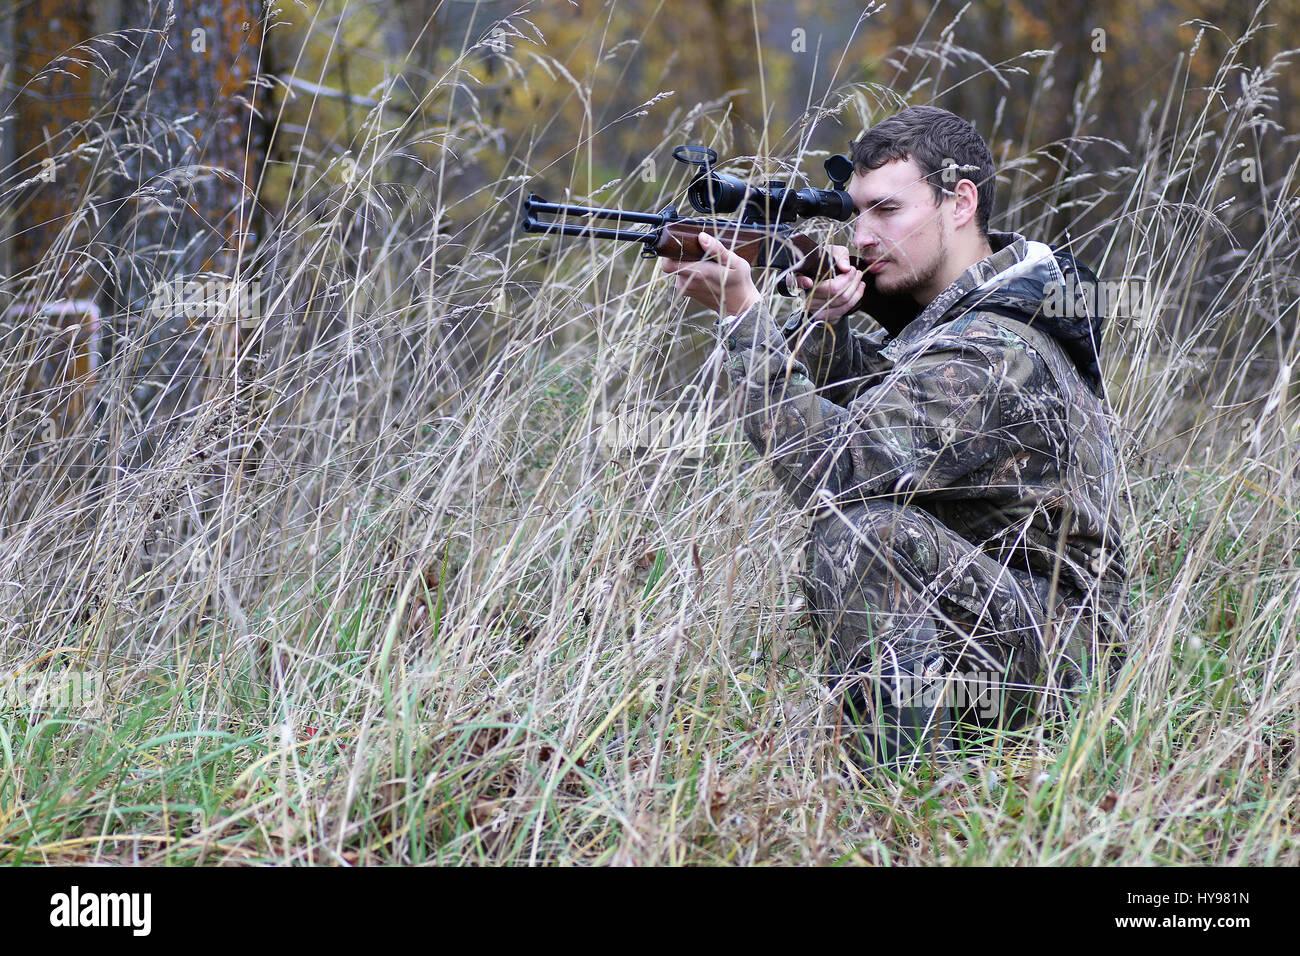 Mann in Tarnung und mit Gewehren in einem Waldgürtel auf eine Feder-hun Stockbild